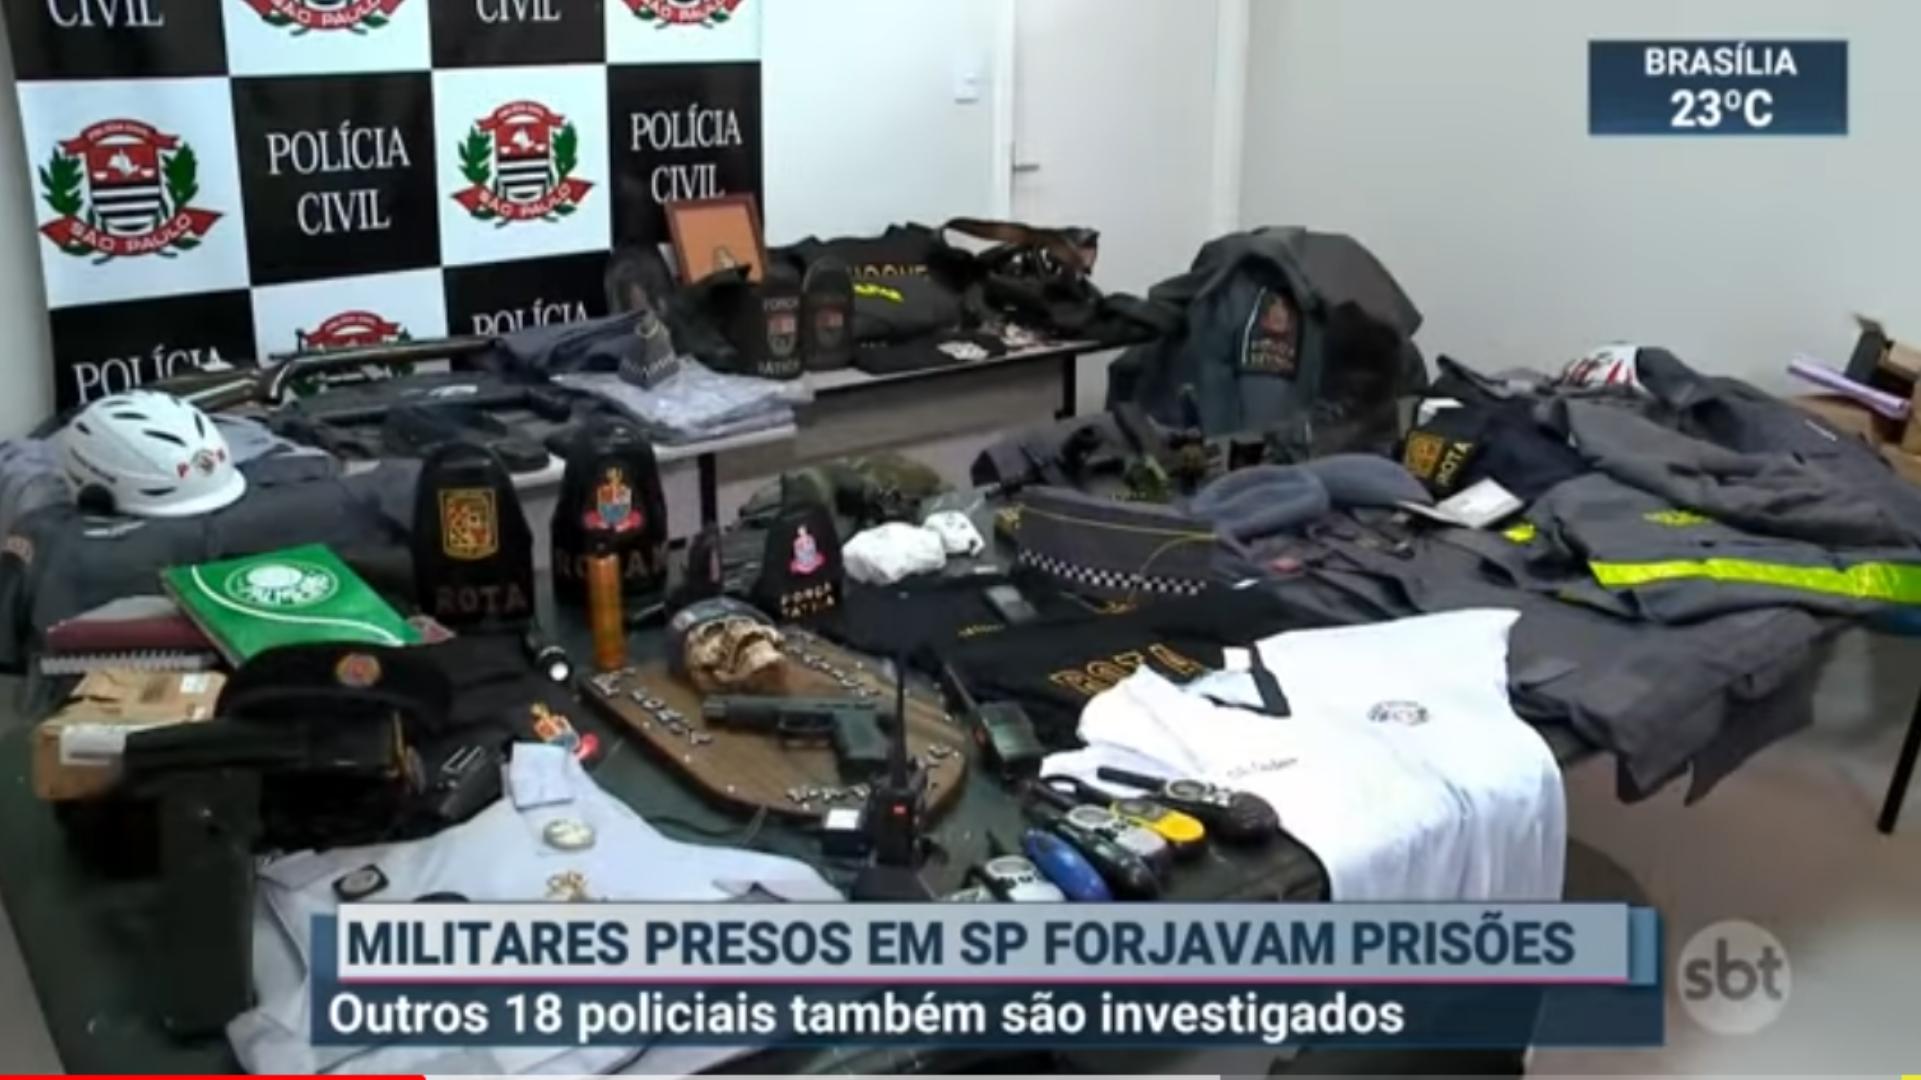 PMs presos em Sorocaba por extorquir traficantes também forjavam prisões